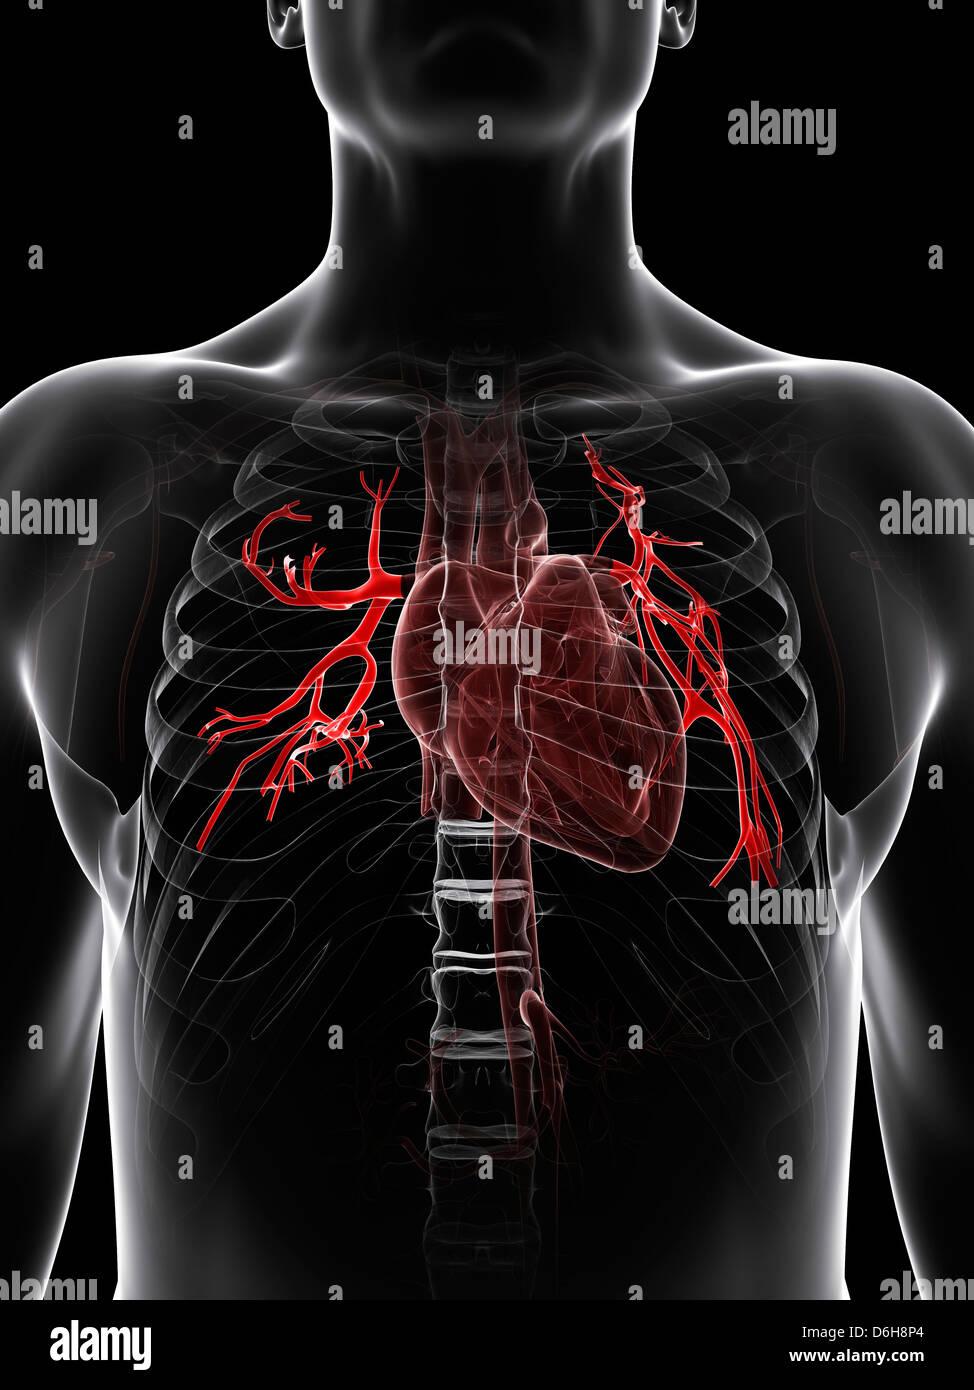 Pulmonary Artery Stock Photos & Pulmonary Artery Stock Images - Alamy